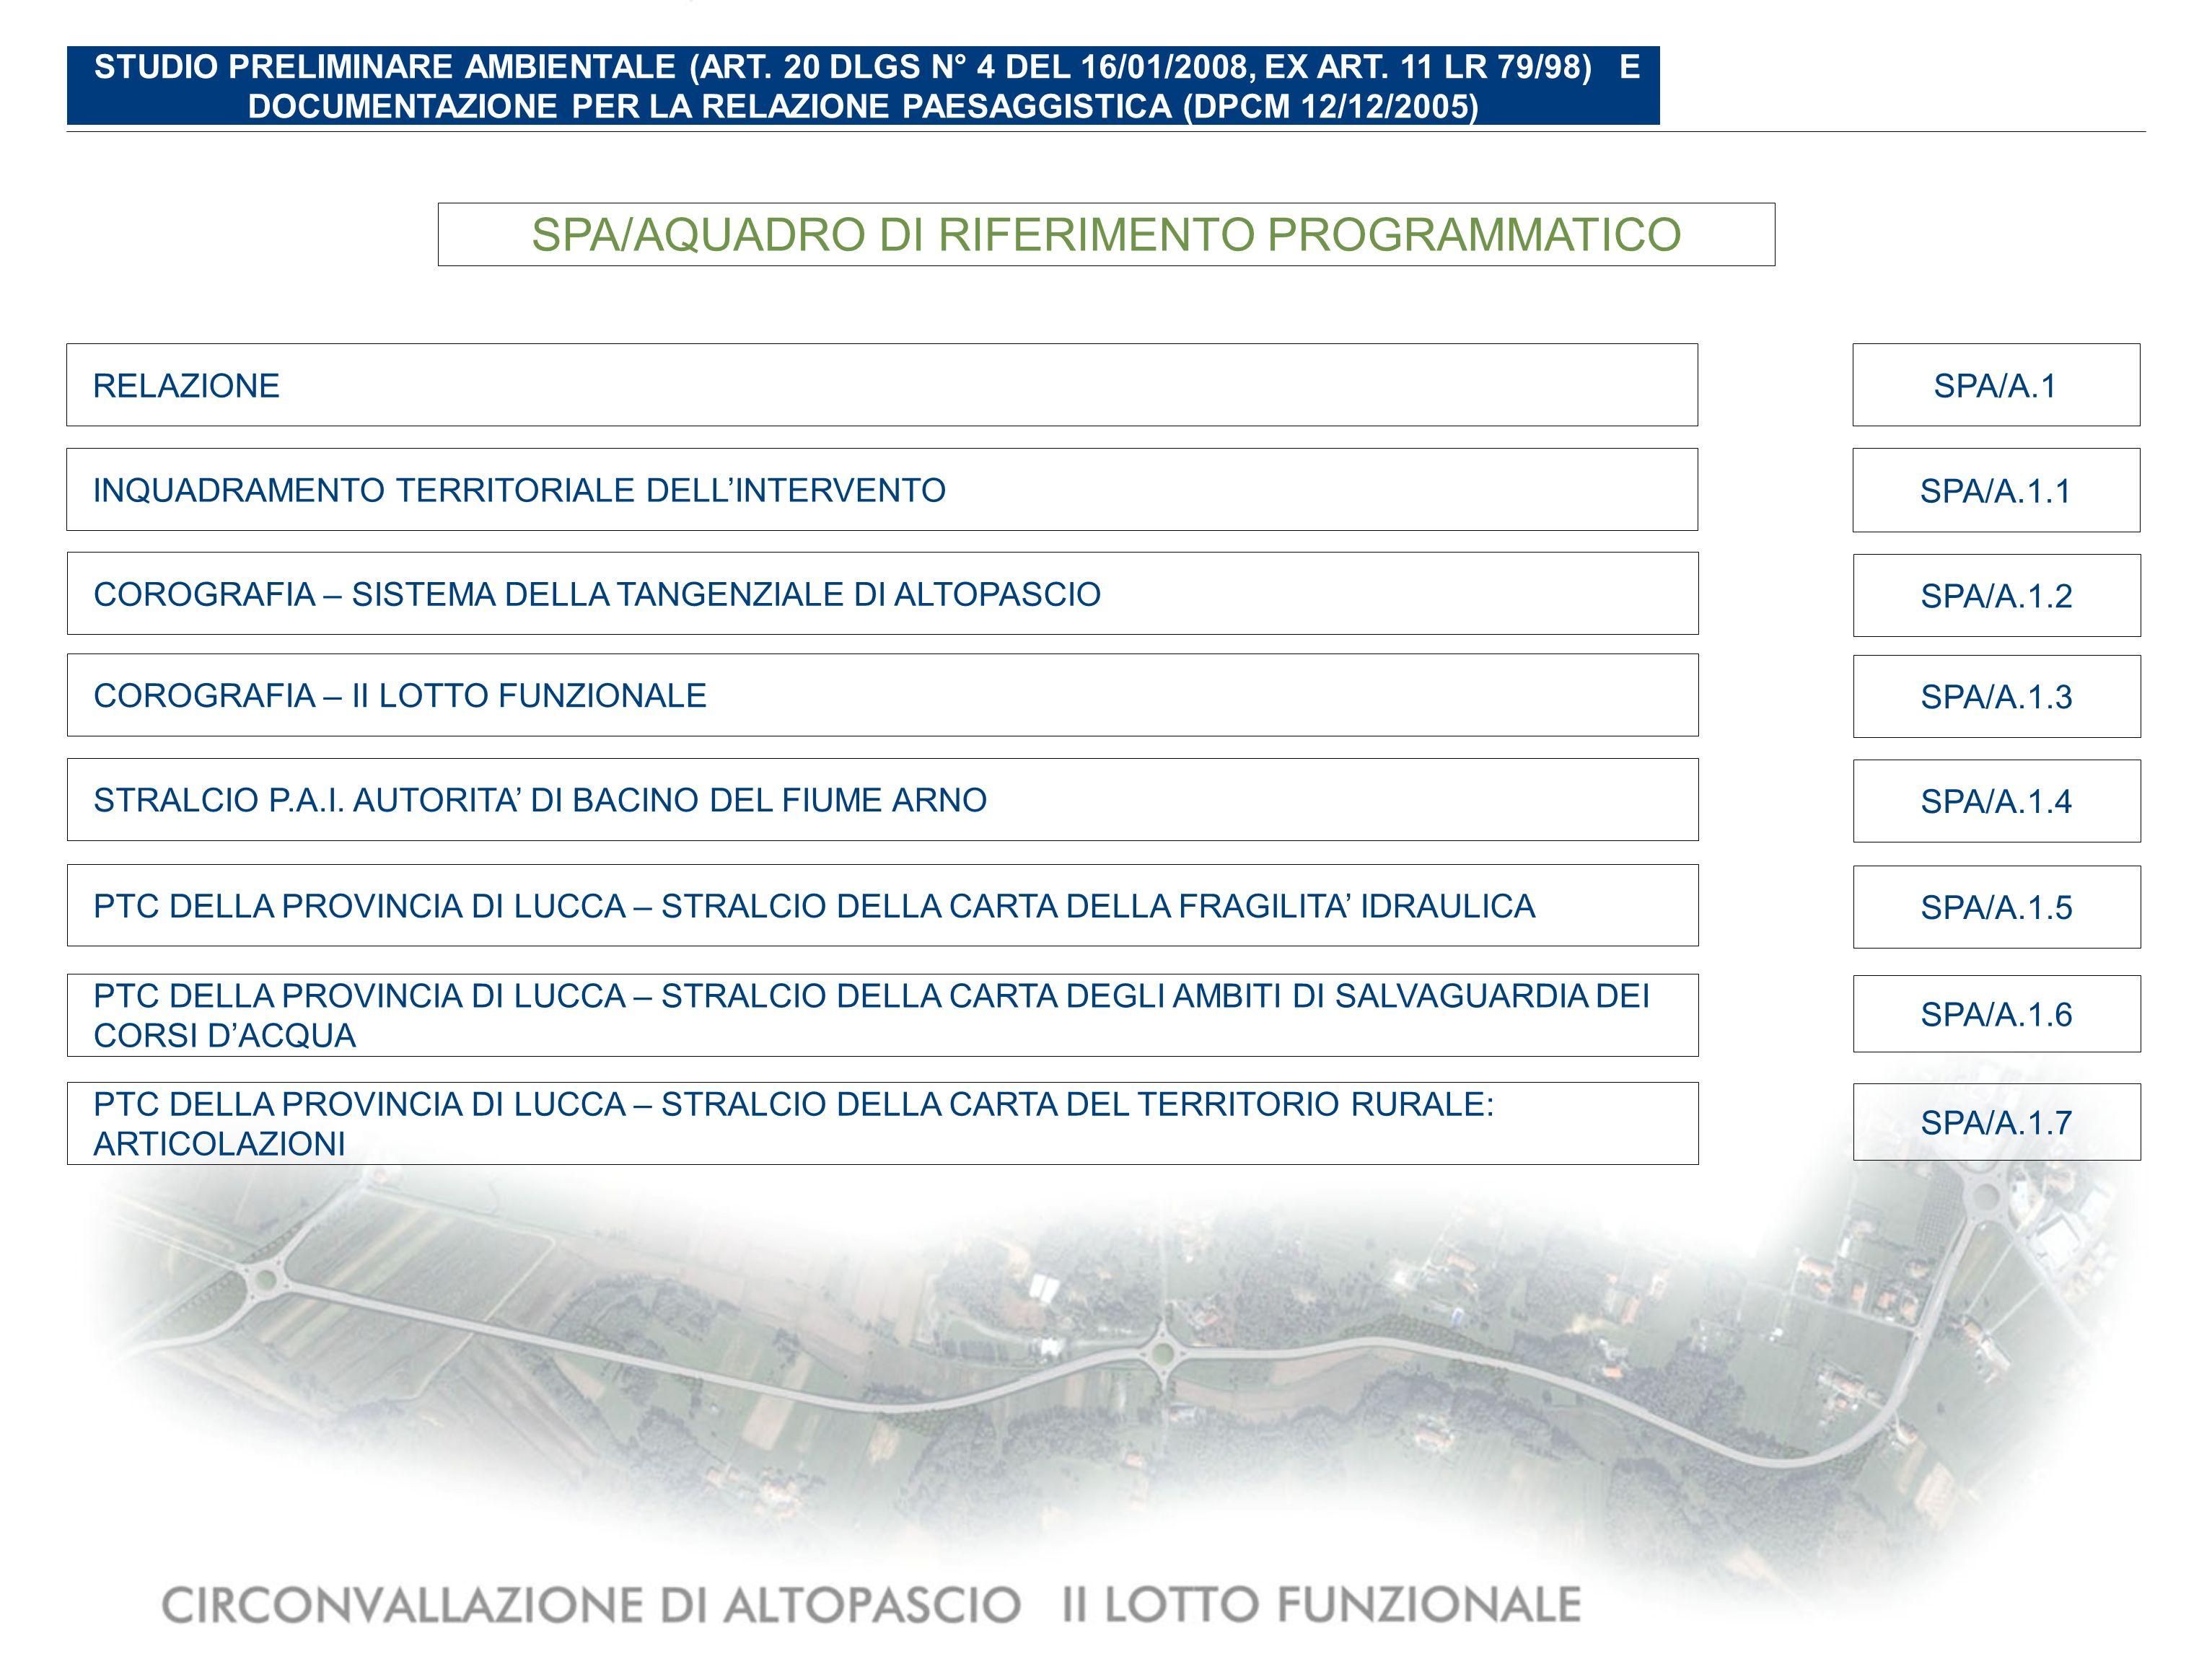 PTC DELLA PROVINCIA DI PISA – STRALCIO DELLA CARTA DEI SISTEMI TERRITORIALI LOCALI DELLA PROVINCIA SPA/A.1.10 PTC DELLA PROVINCIA DI PISA – STRALCIO DELLA CARTA DELLARTICOLAZIONE DEL SISTEMA INFRASTRUTTURALE DELLA MOBILITA E DEGLI INTERVENTI SPA/A.1.11 PTC DELLA PROVINCIA DI PISA – STRALCIO DELLA CARTA DEL SISTEMA AMBIENTALE SPA/A.1.12 PTC DELLA PROVINCIA DI PISA – STRALCIO DELLA CARTA DEL TERRITORIO AGRICOLO SPA/A.1.13 PTC DELLA PROVINCIA DI PISA – STRALCIO DELLA CARTA DEL SISTEMA DELLA CULTURA SPA/A.1.14 PTC DELLA PROVINCIA DI LUCCA – STRALCIO DELLA CARTA DELLE STRUTTURE TERRITORIALI, AMBIENTI E PAESAGGI LOCALI SPA/A.1.9 PTC DELLA PROVINCIA DI PISA – STRALCIO DELLA CARTA DELLA VULNERABILITA IDROGEOLOGICA SPA/A.1.15 PTC DELLA PROVINCIA DI LUCCA – STRALCIO DELLA CARTA DEL TERRITORIO RURALE: ELEMENTI SPA/A.1.8 PTC DELLA PROVINCIA DI PISA – STRALCIO DELLA CARTA DEI SISTEMI DI PAESAGGIO SPA/A.1.16 STUDIO PRELIMINARE AMBIENTALE (ART.